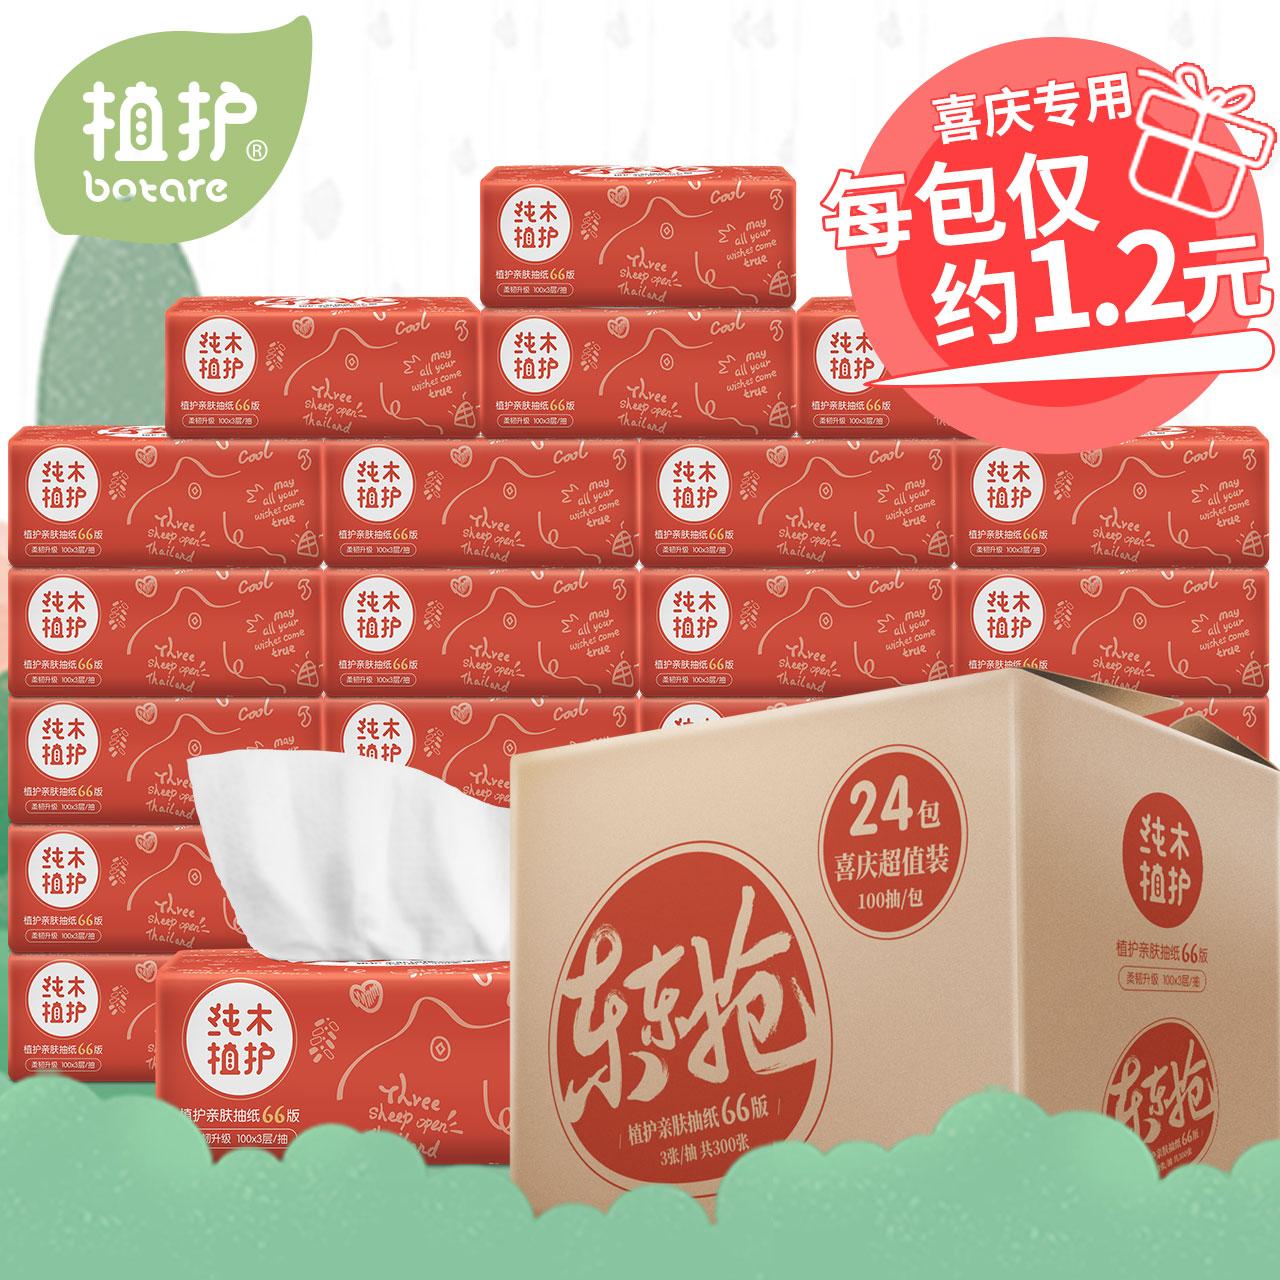 植护抽纸抽批发整箱24包邮促销家庭装整箱特价卫生纸巾500